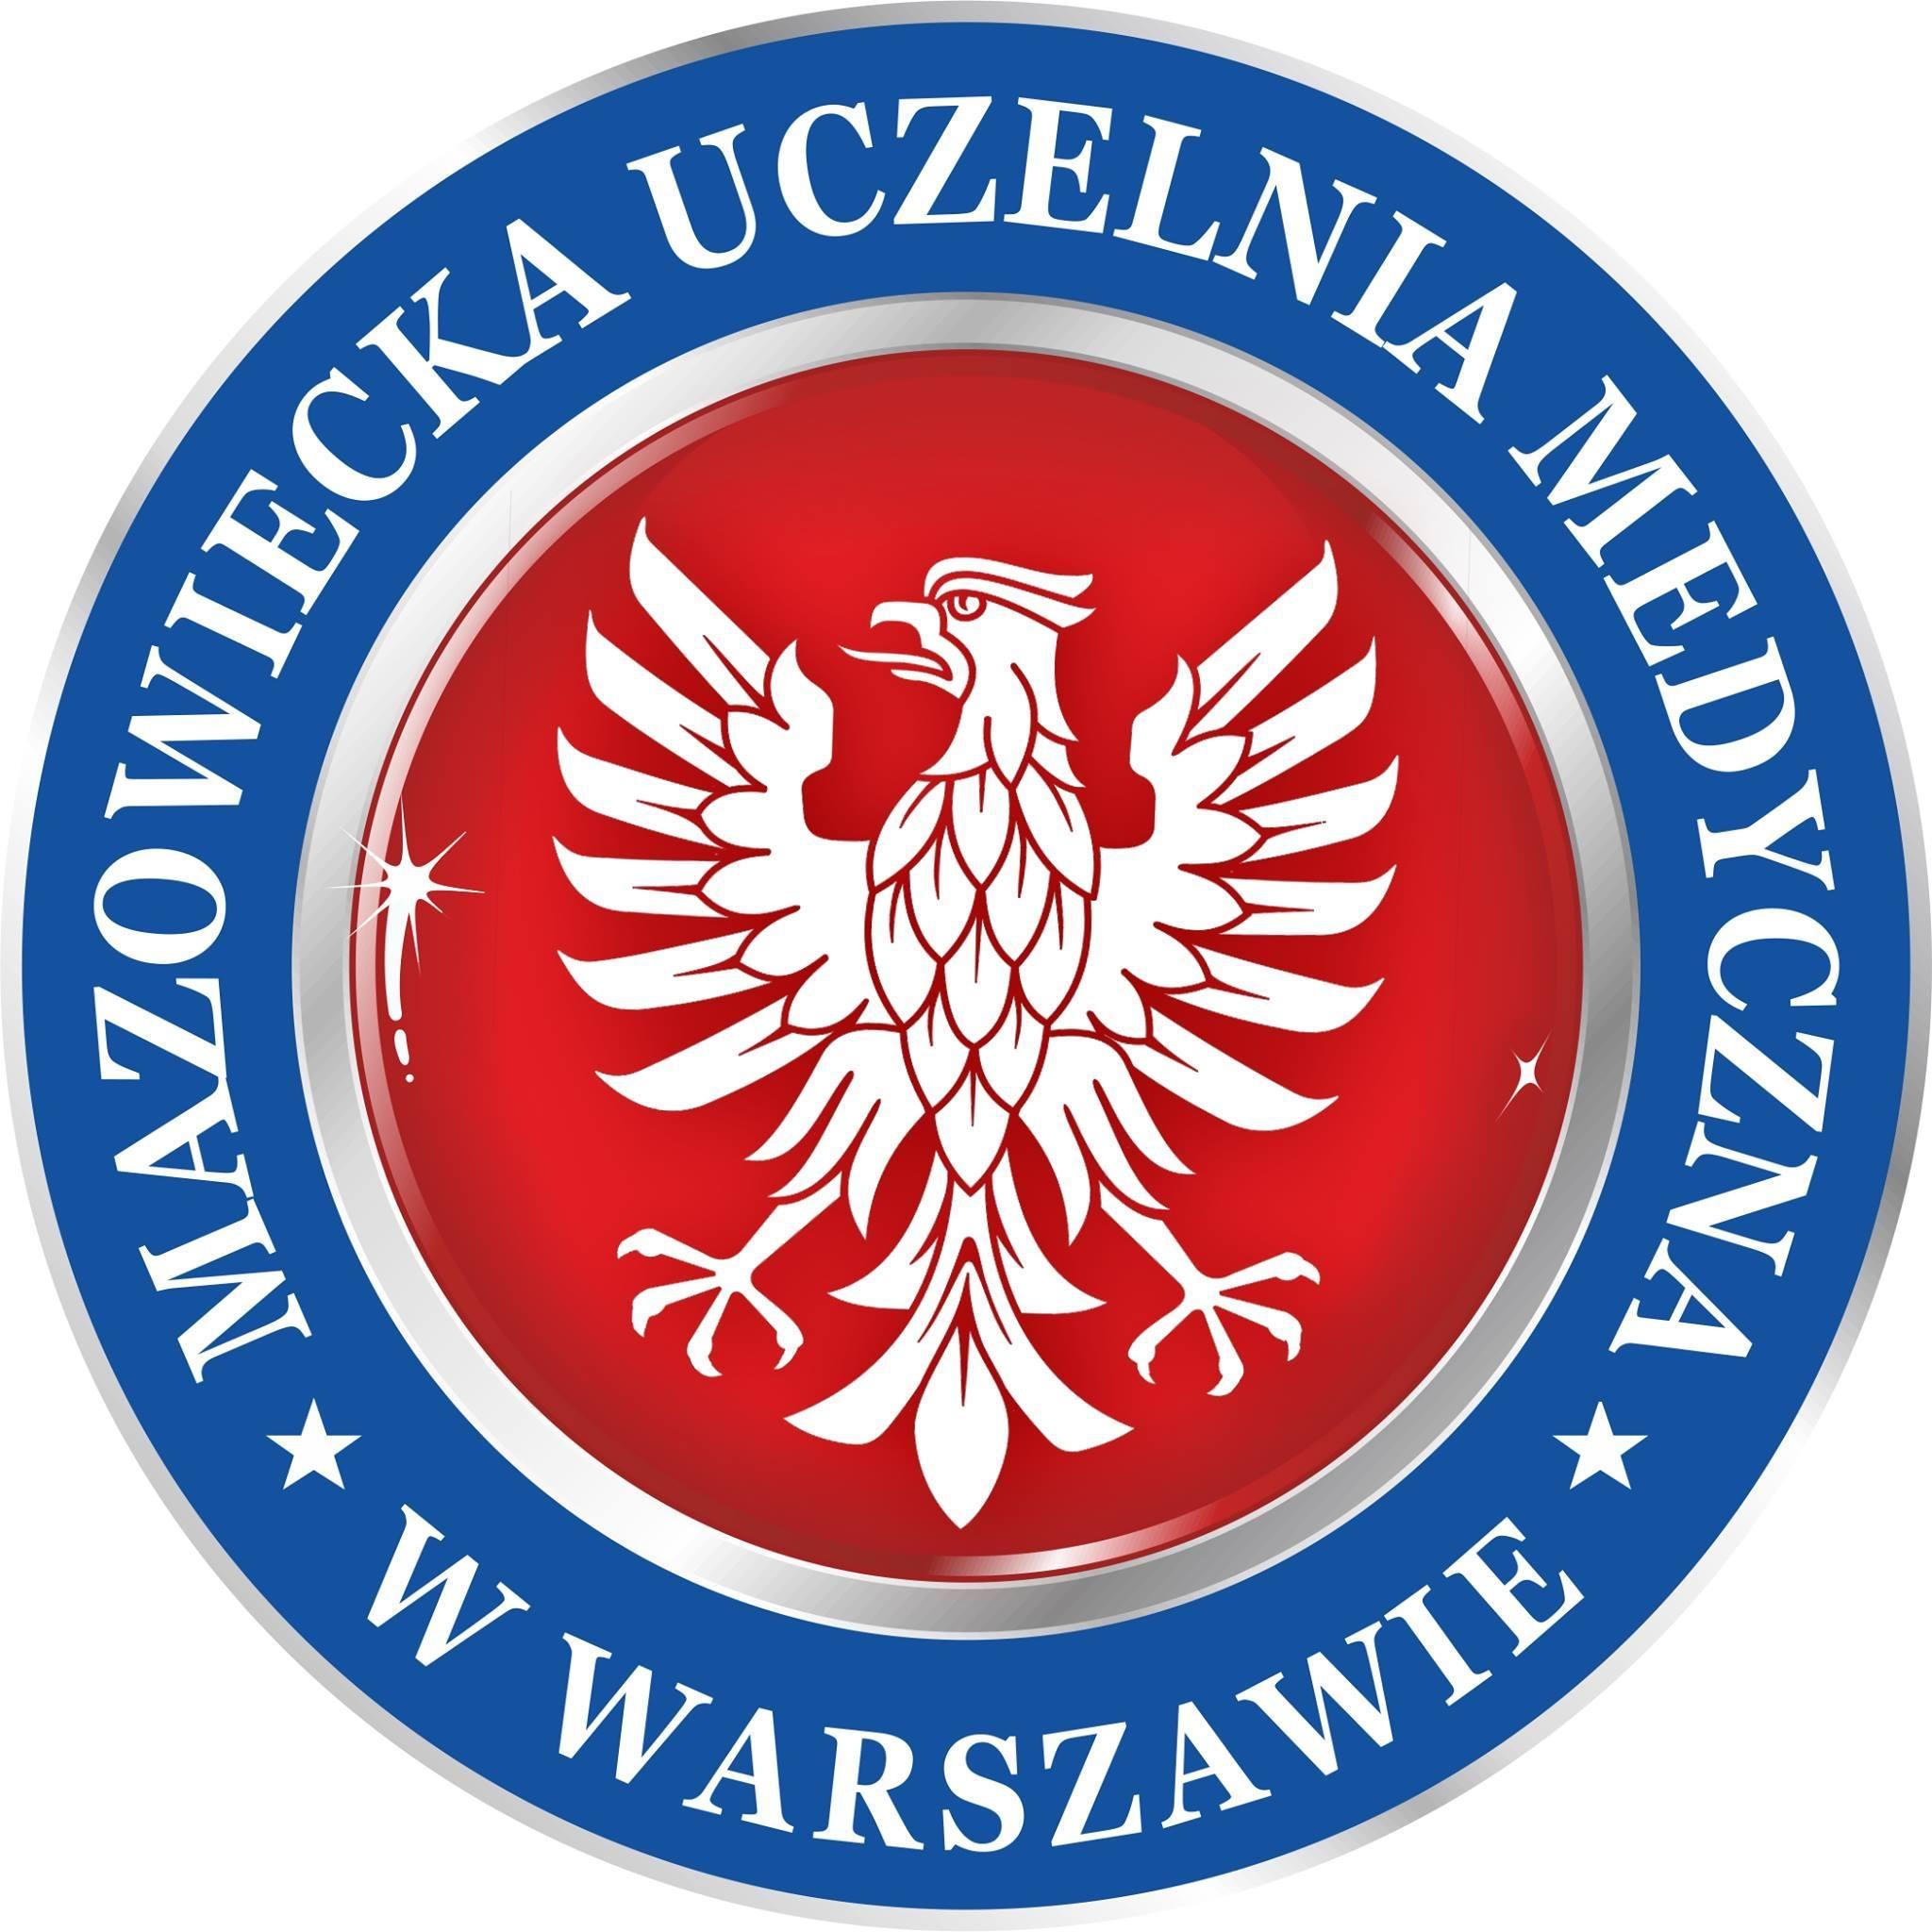 Logo Mazowiecka Uczelnia Medyczna w Warszawie